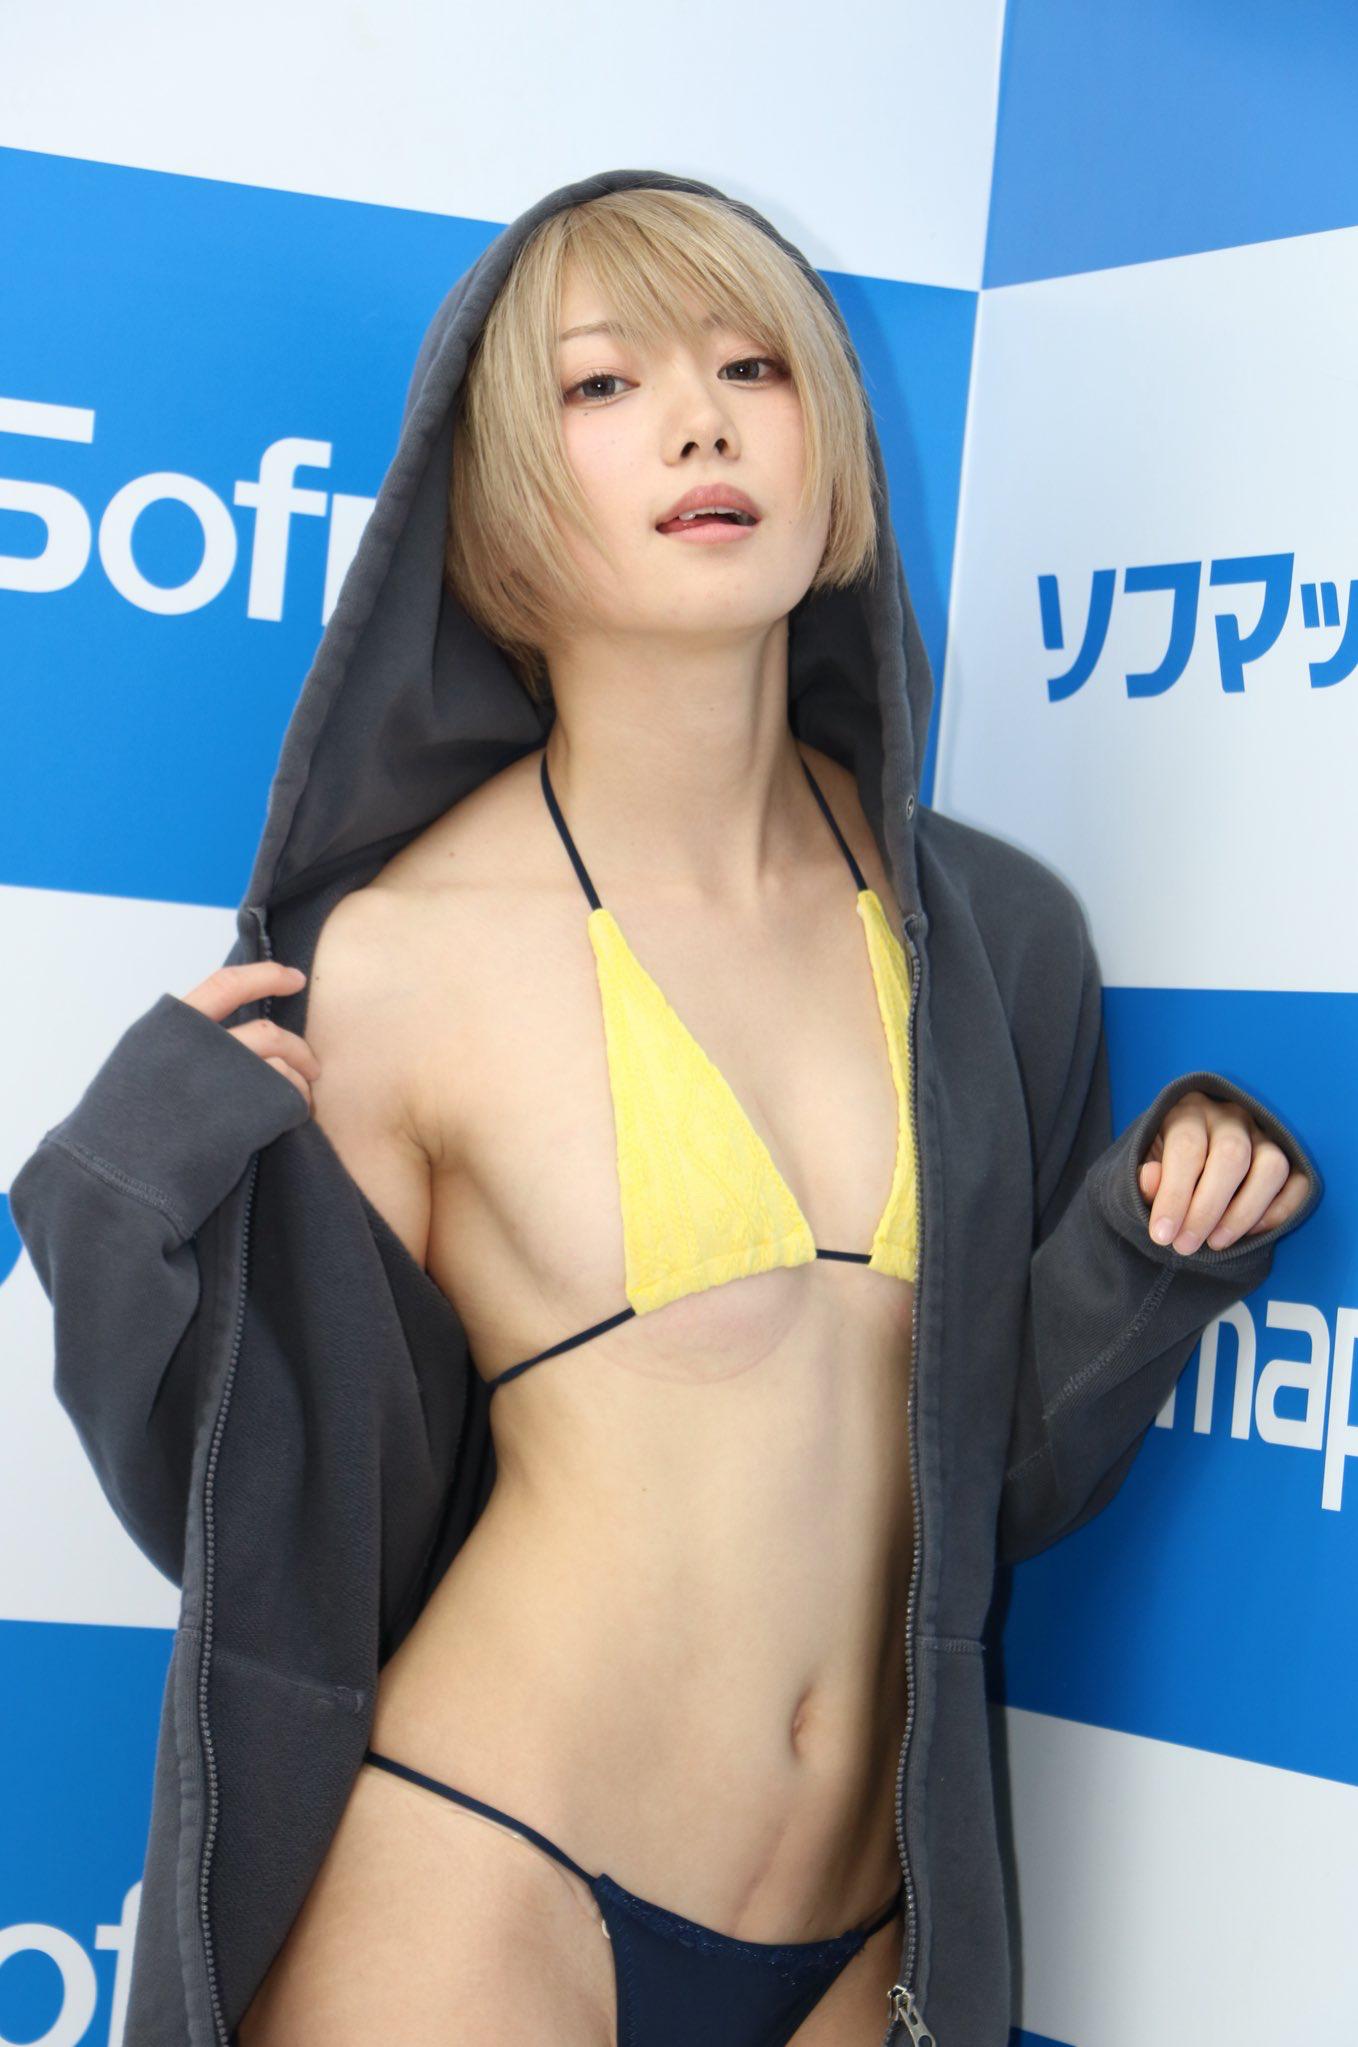 【画像】金髪×ショートカット×貧乳とかいう誰にも需要ないアイドルが登場してしまった模様